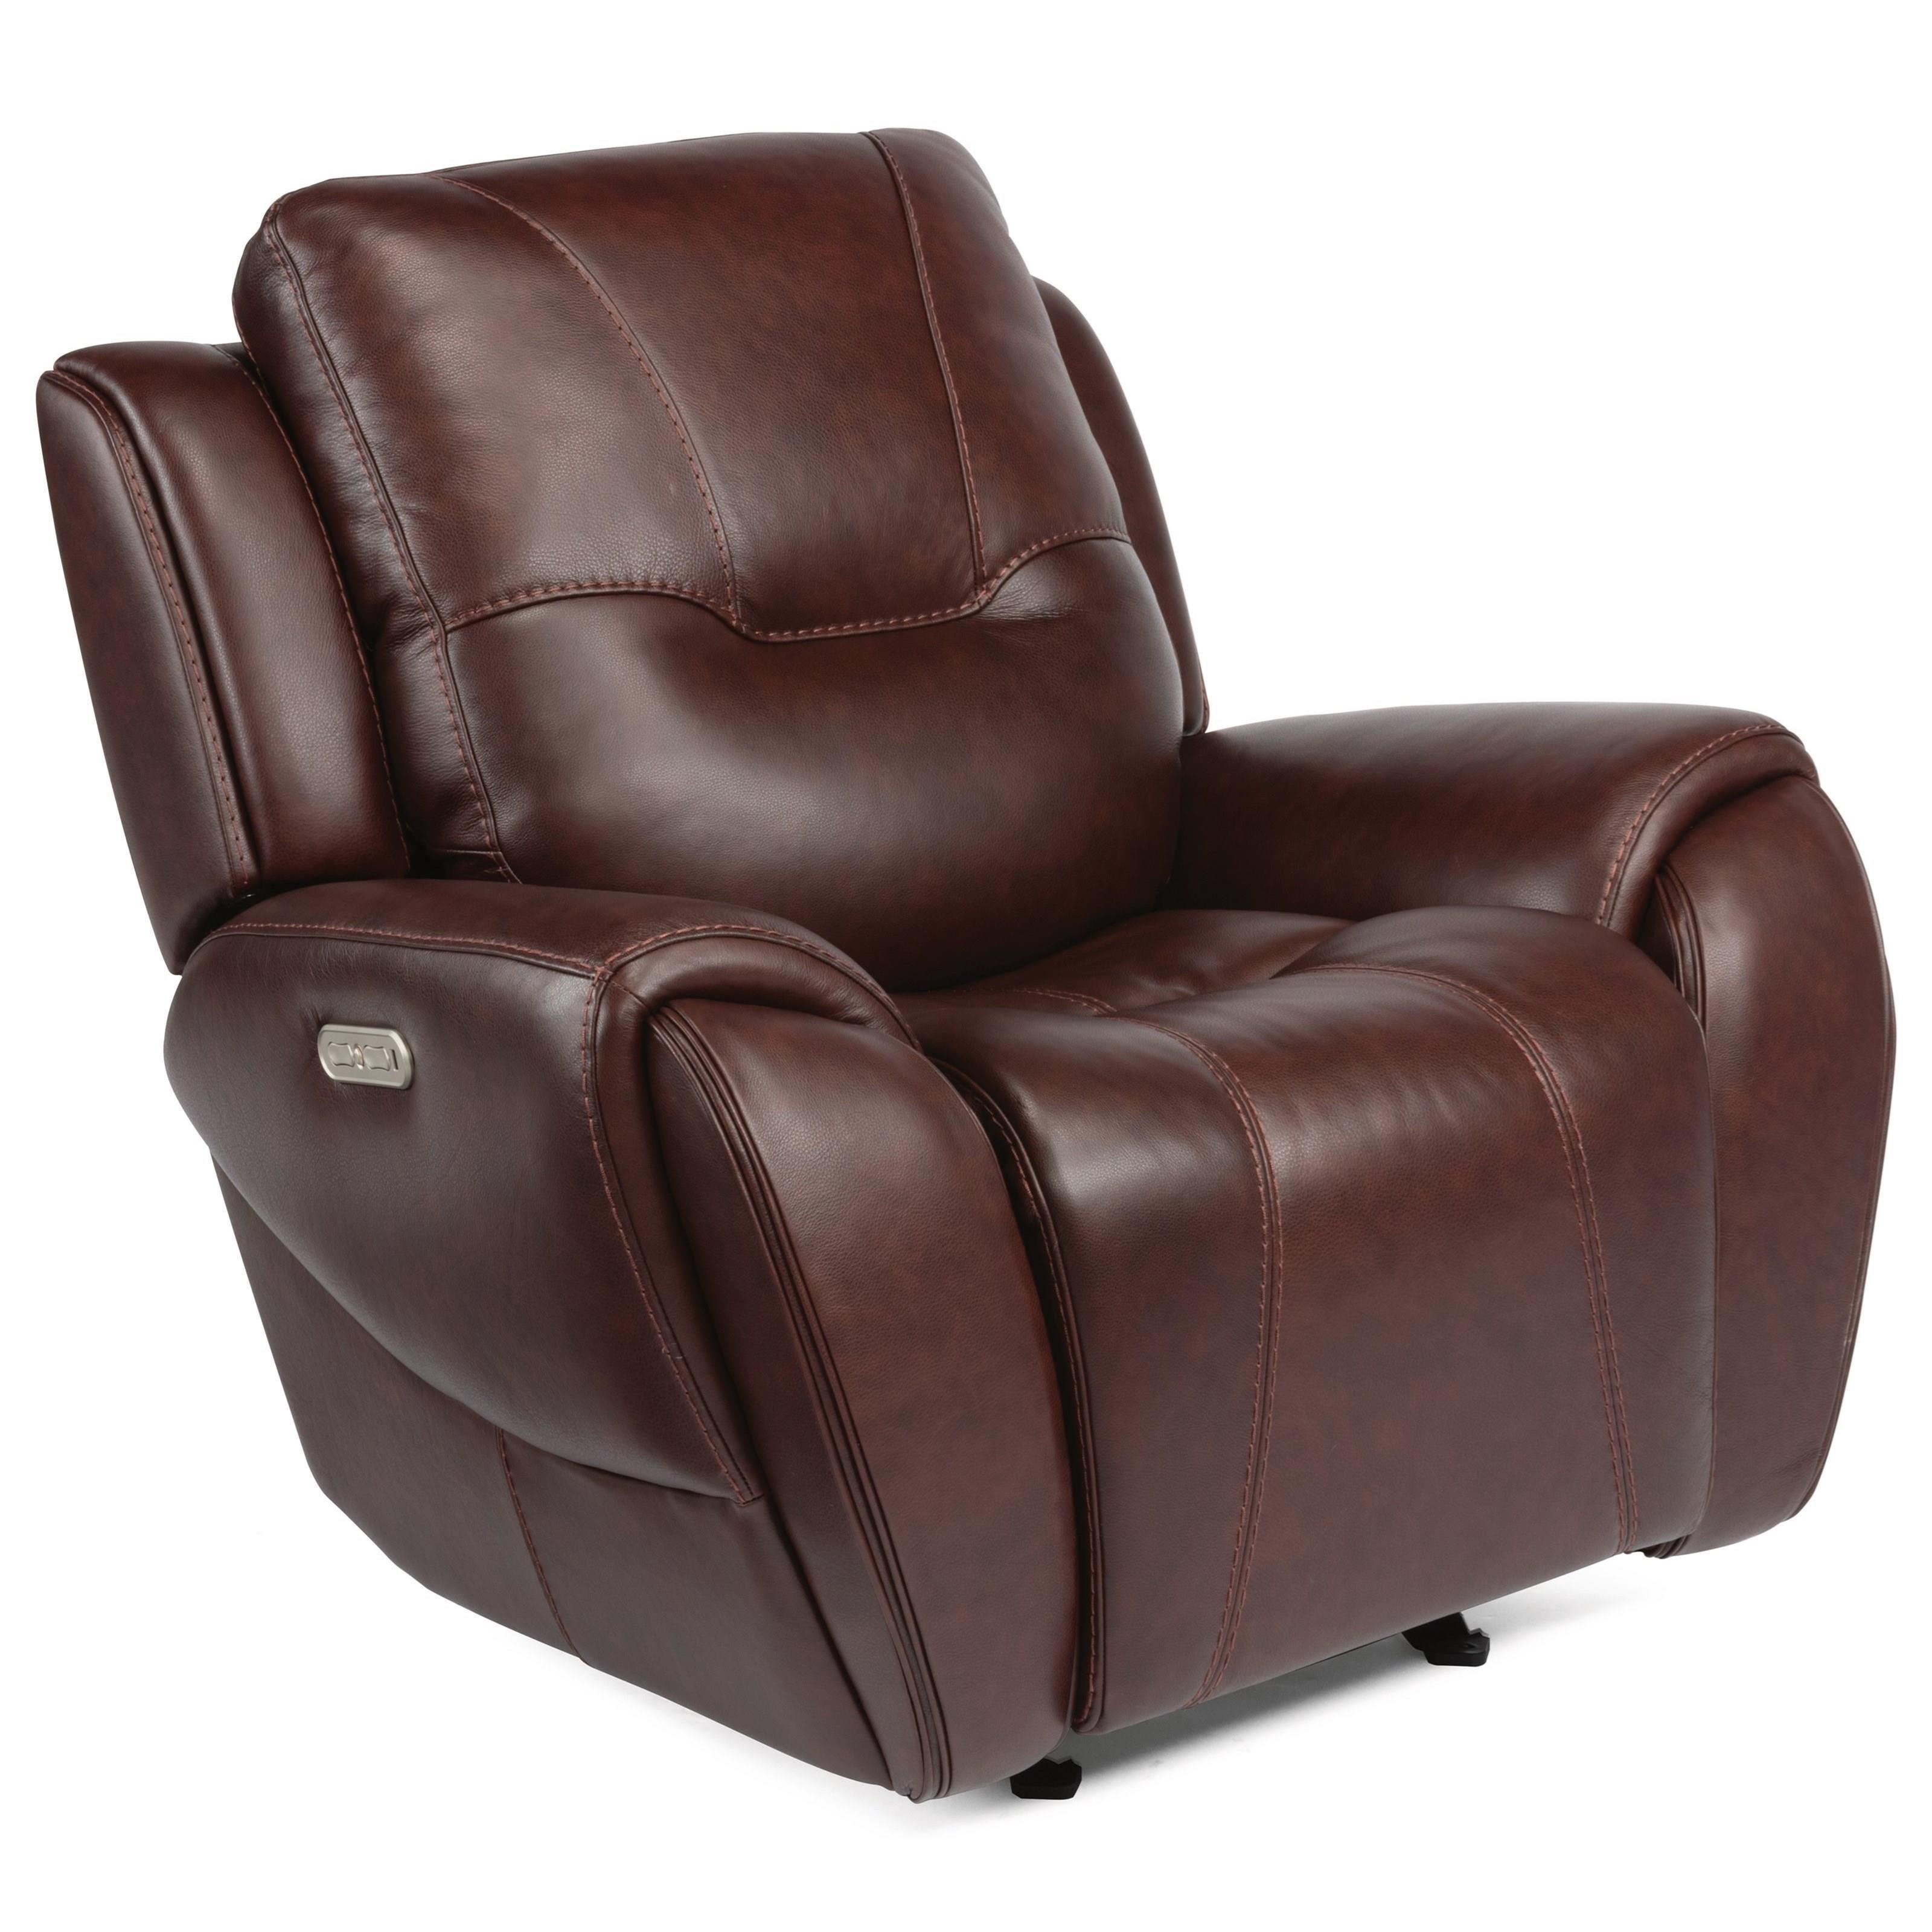 Latitudes - Trip Power Headrest Glider Recliner by Flexsteel at Walker's Furniture